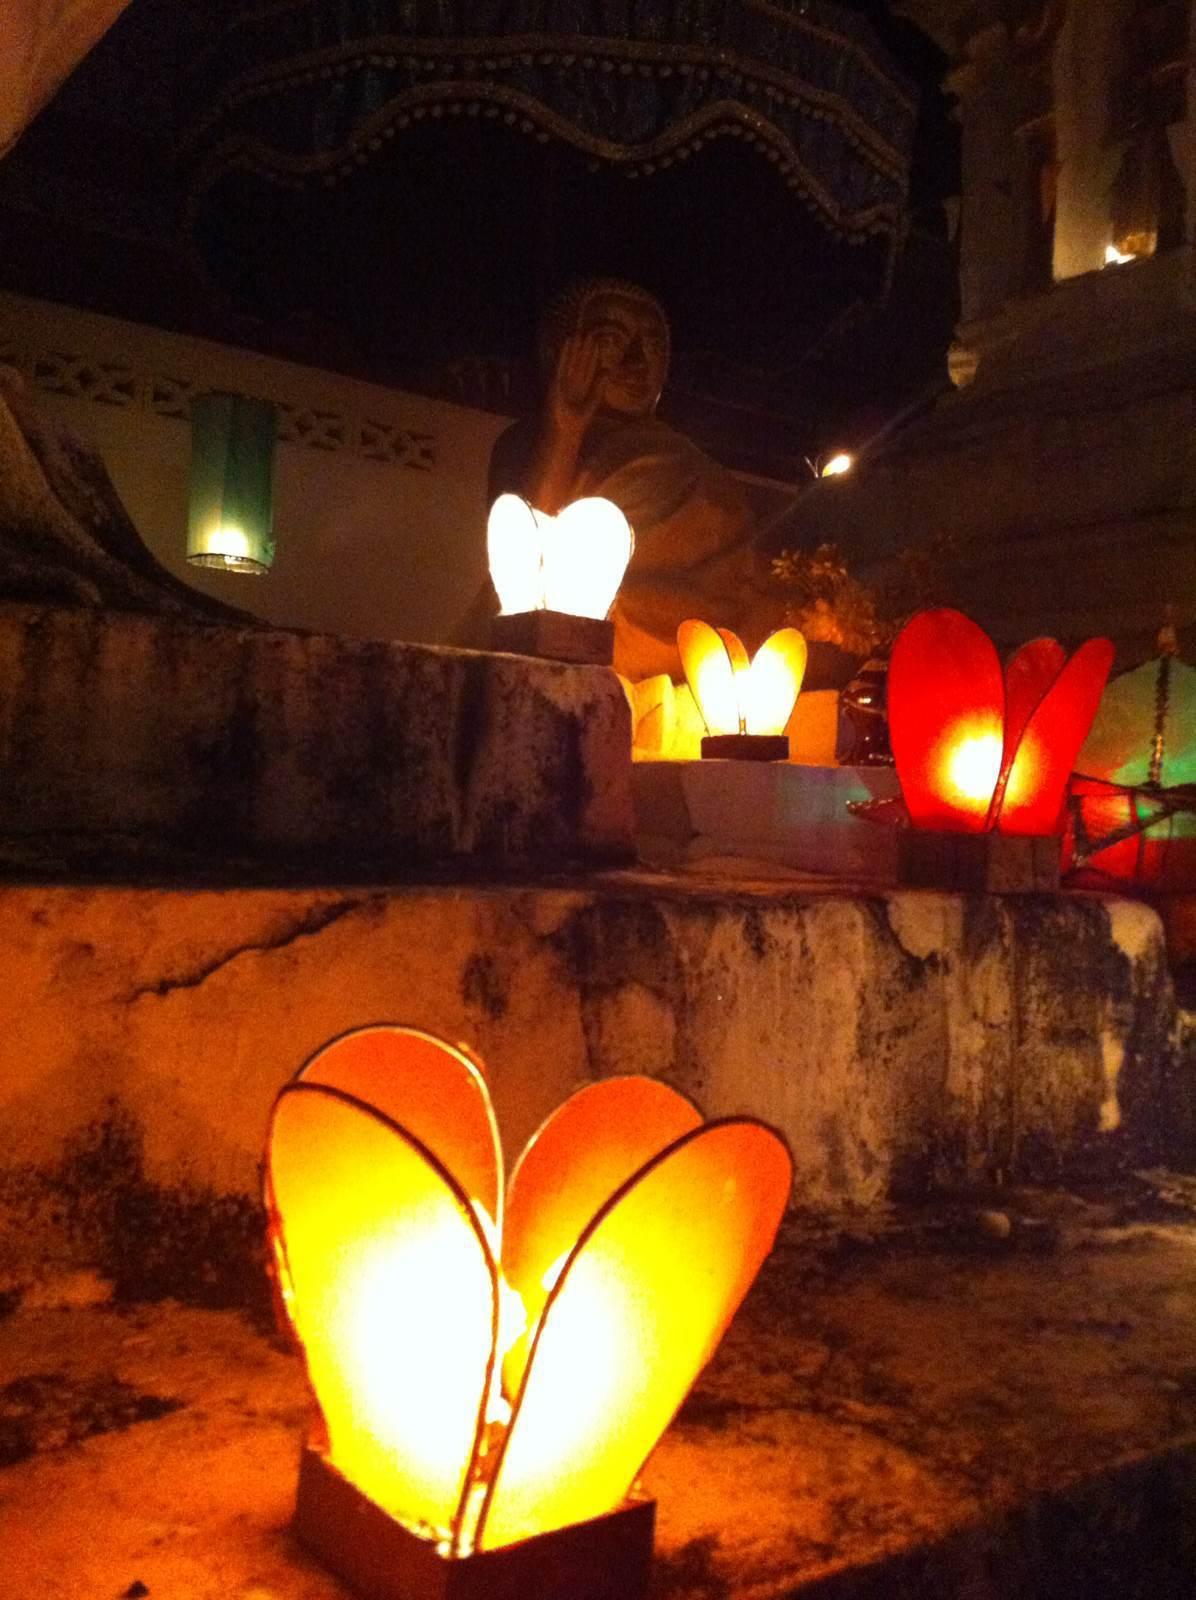 这些僧侣个个都是手工制作的高手:废弃的泡沫板,啤酒瓶,竹片,彩色塑料